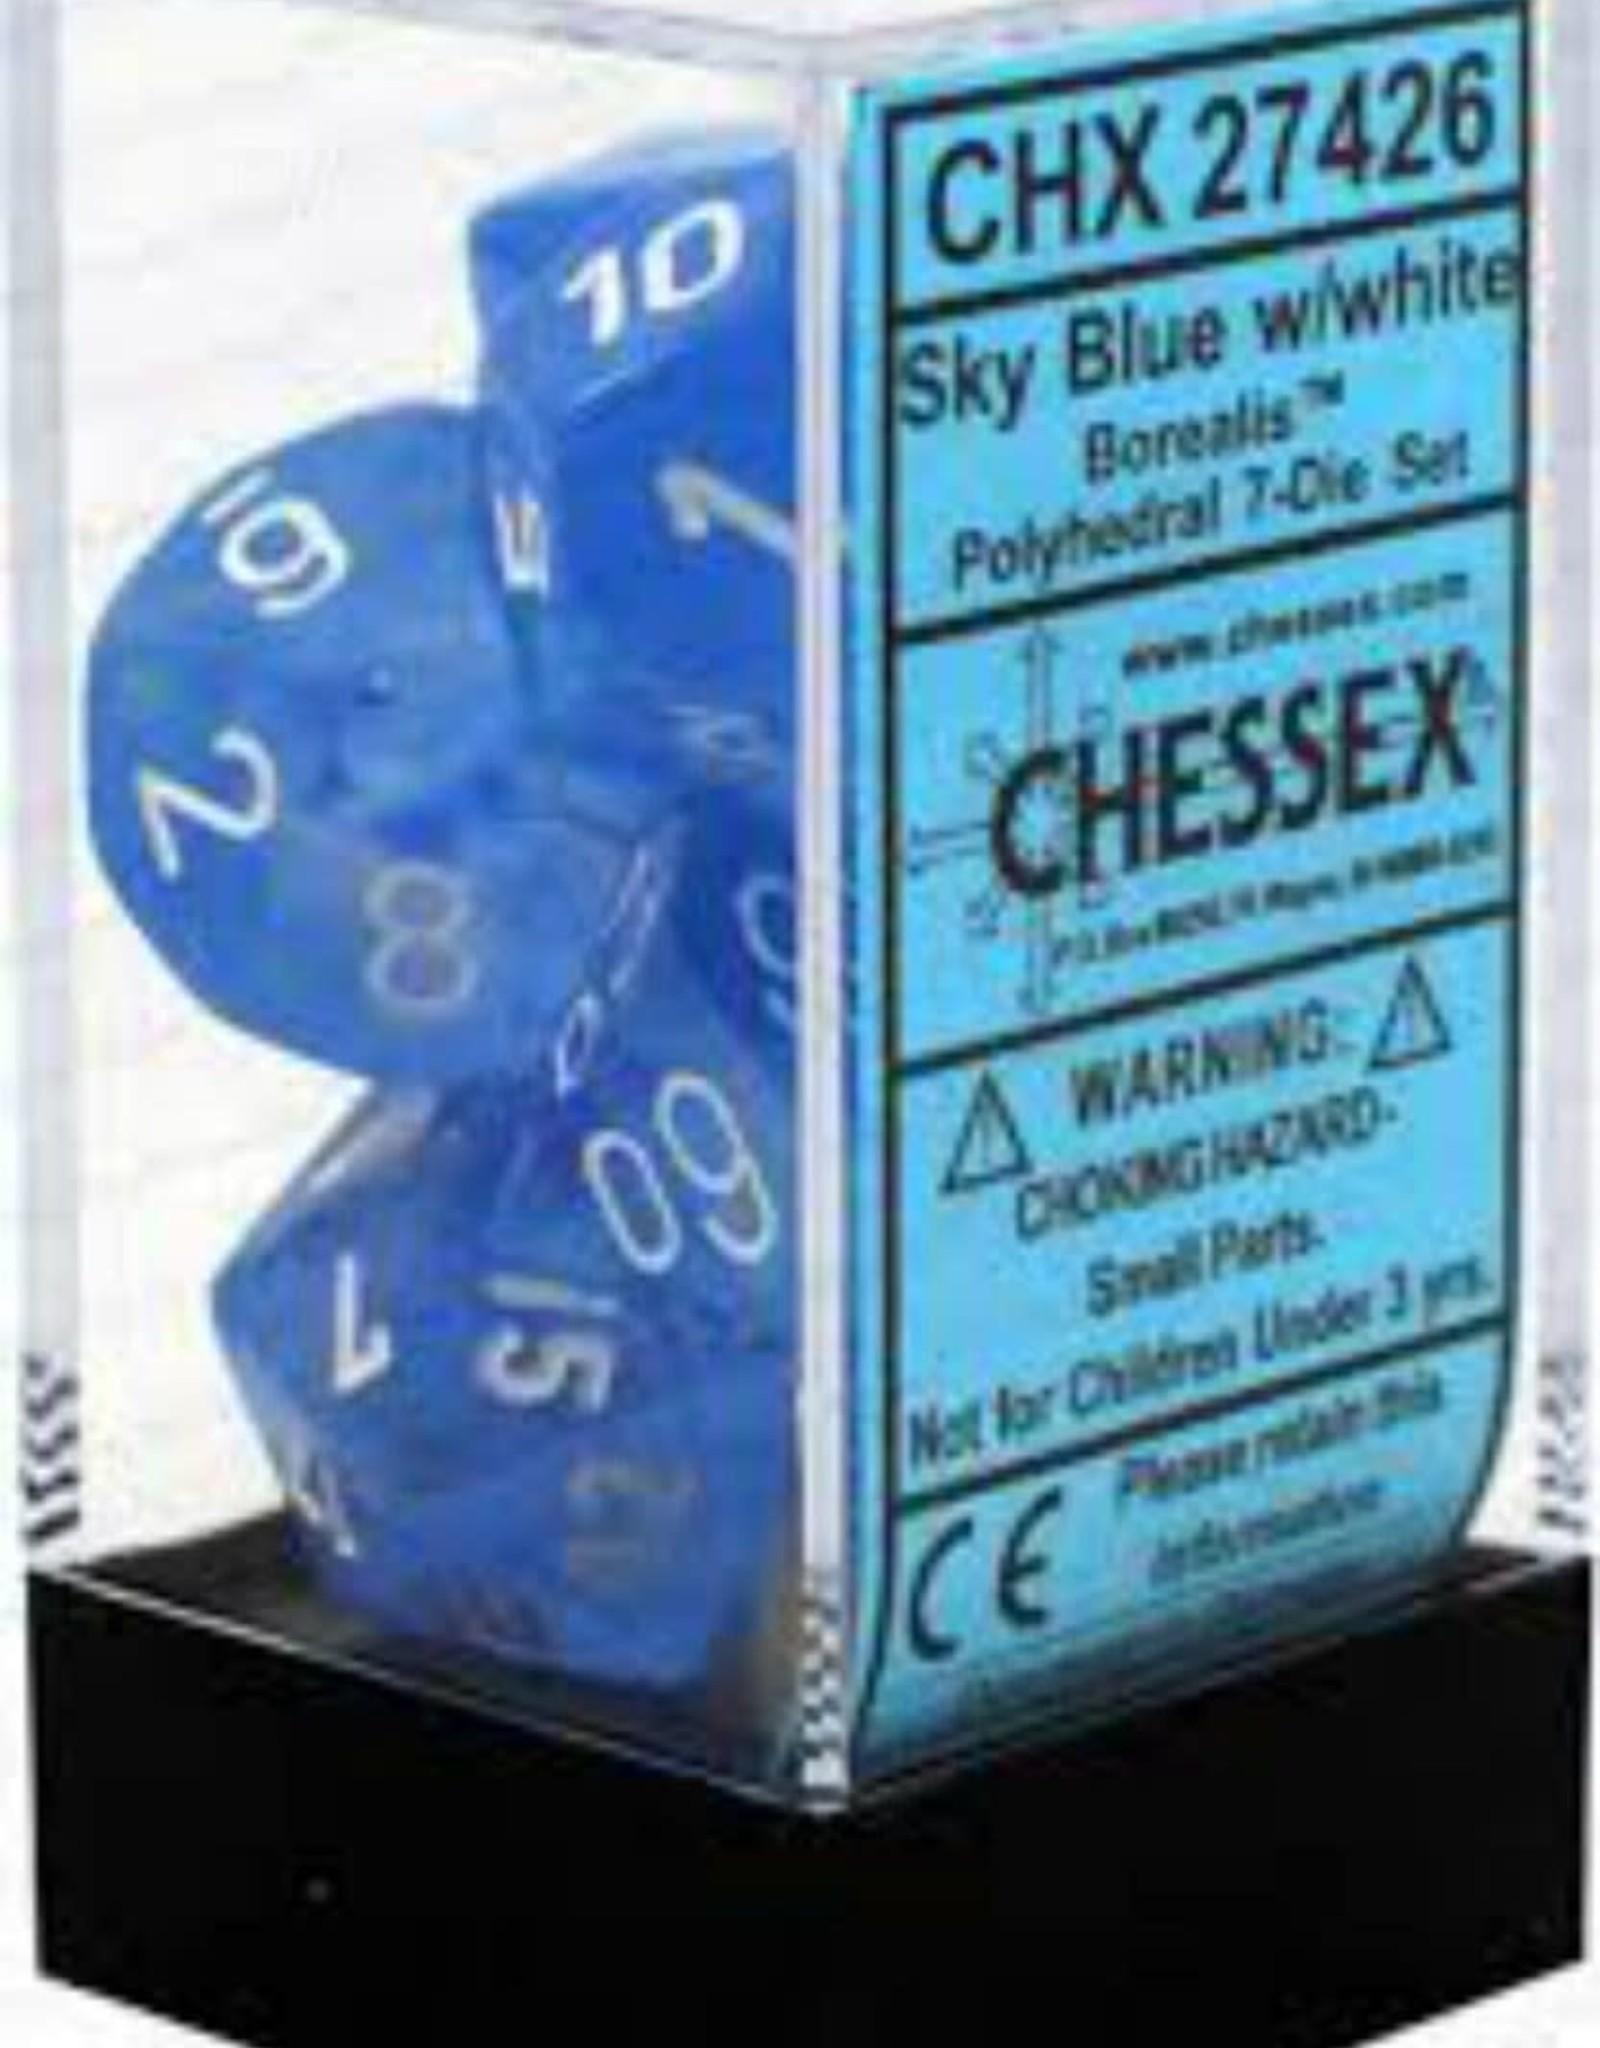 Chessex Borealis Sky Blue/White